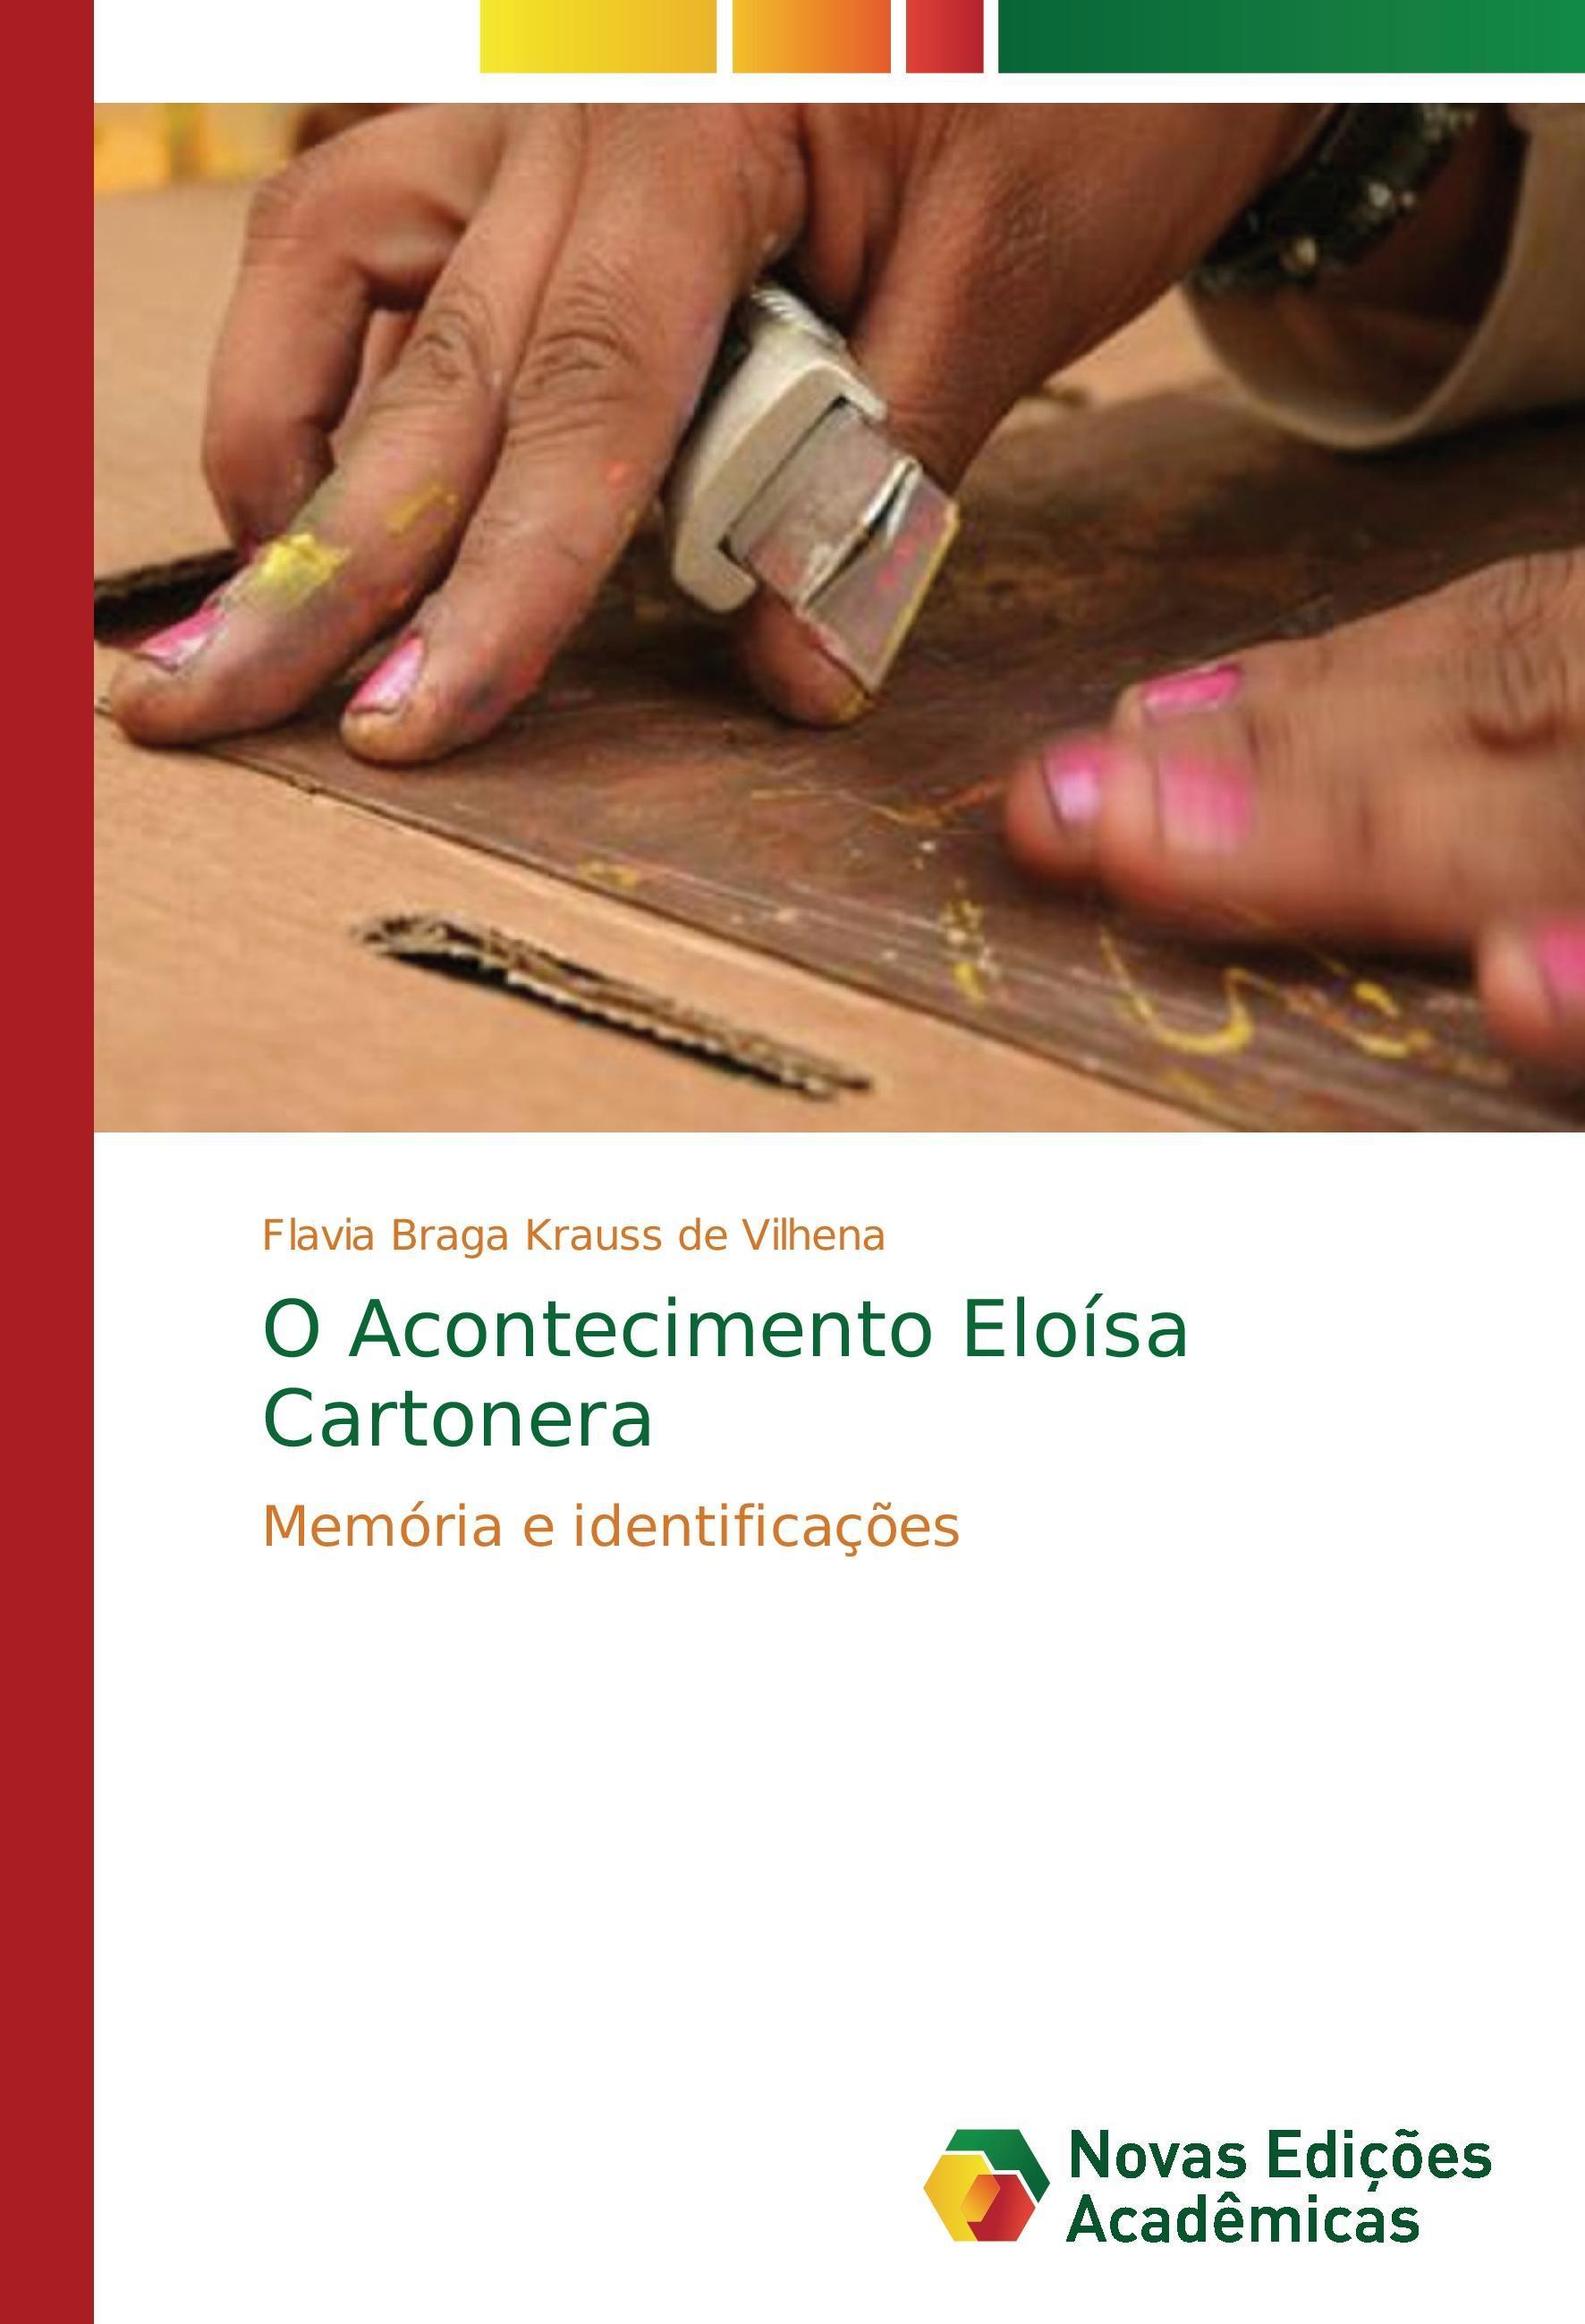 O Acontecimento Eloísa Cartonera - Braga Krauss de Vilhena, Flavia